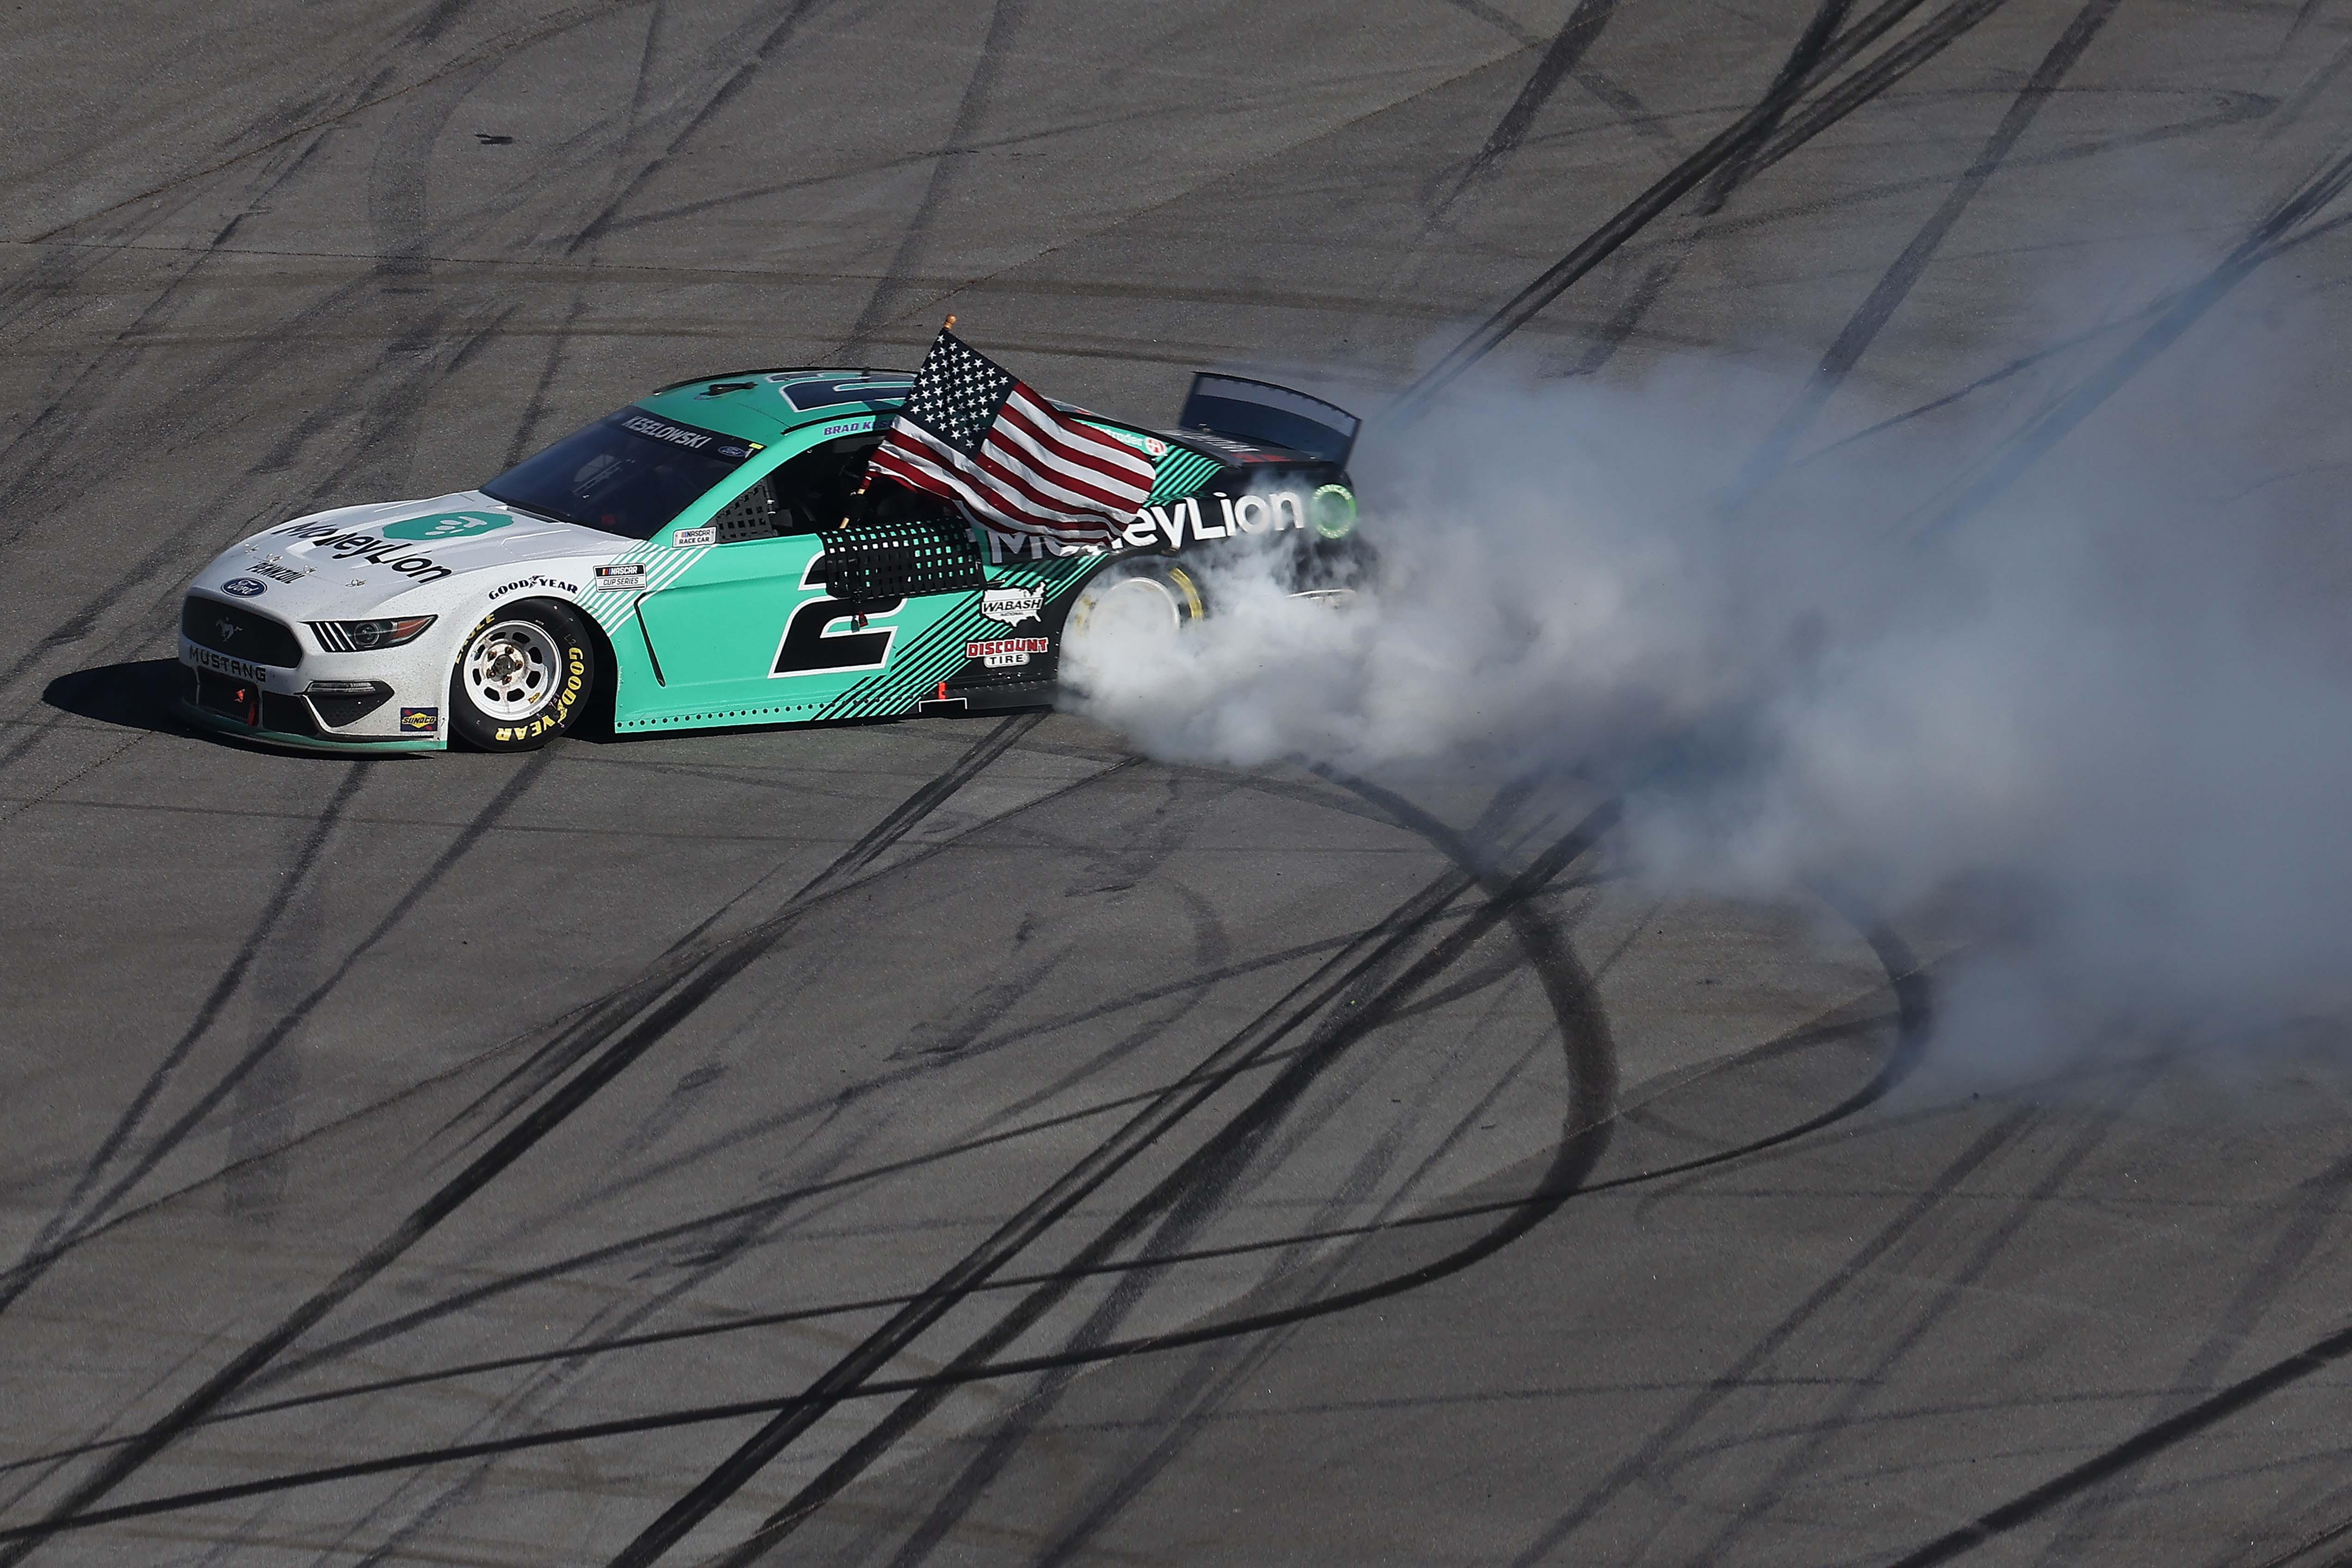 Brad Keselowski wins at Talladega Superspeedway - NASCAR Cup Series - Burnout